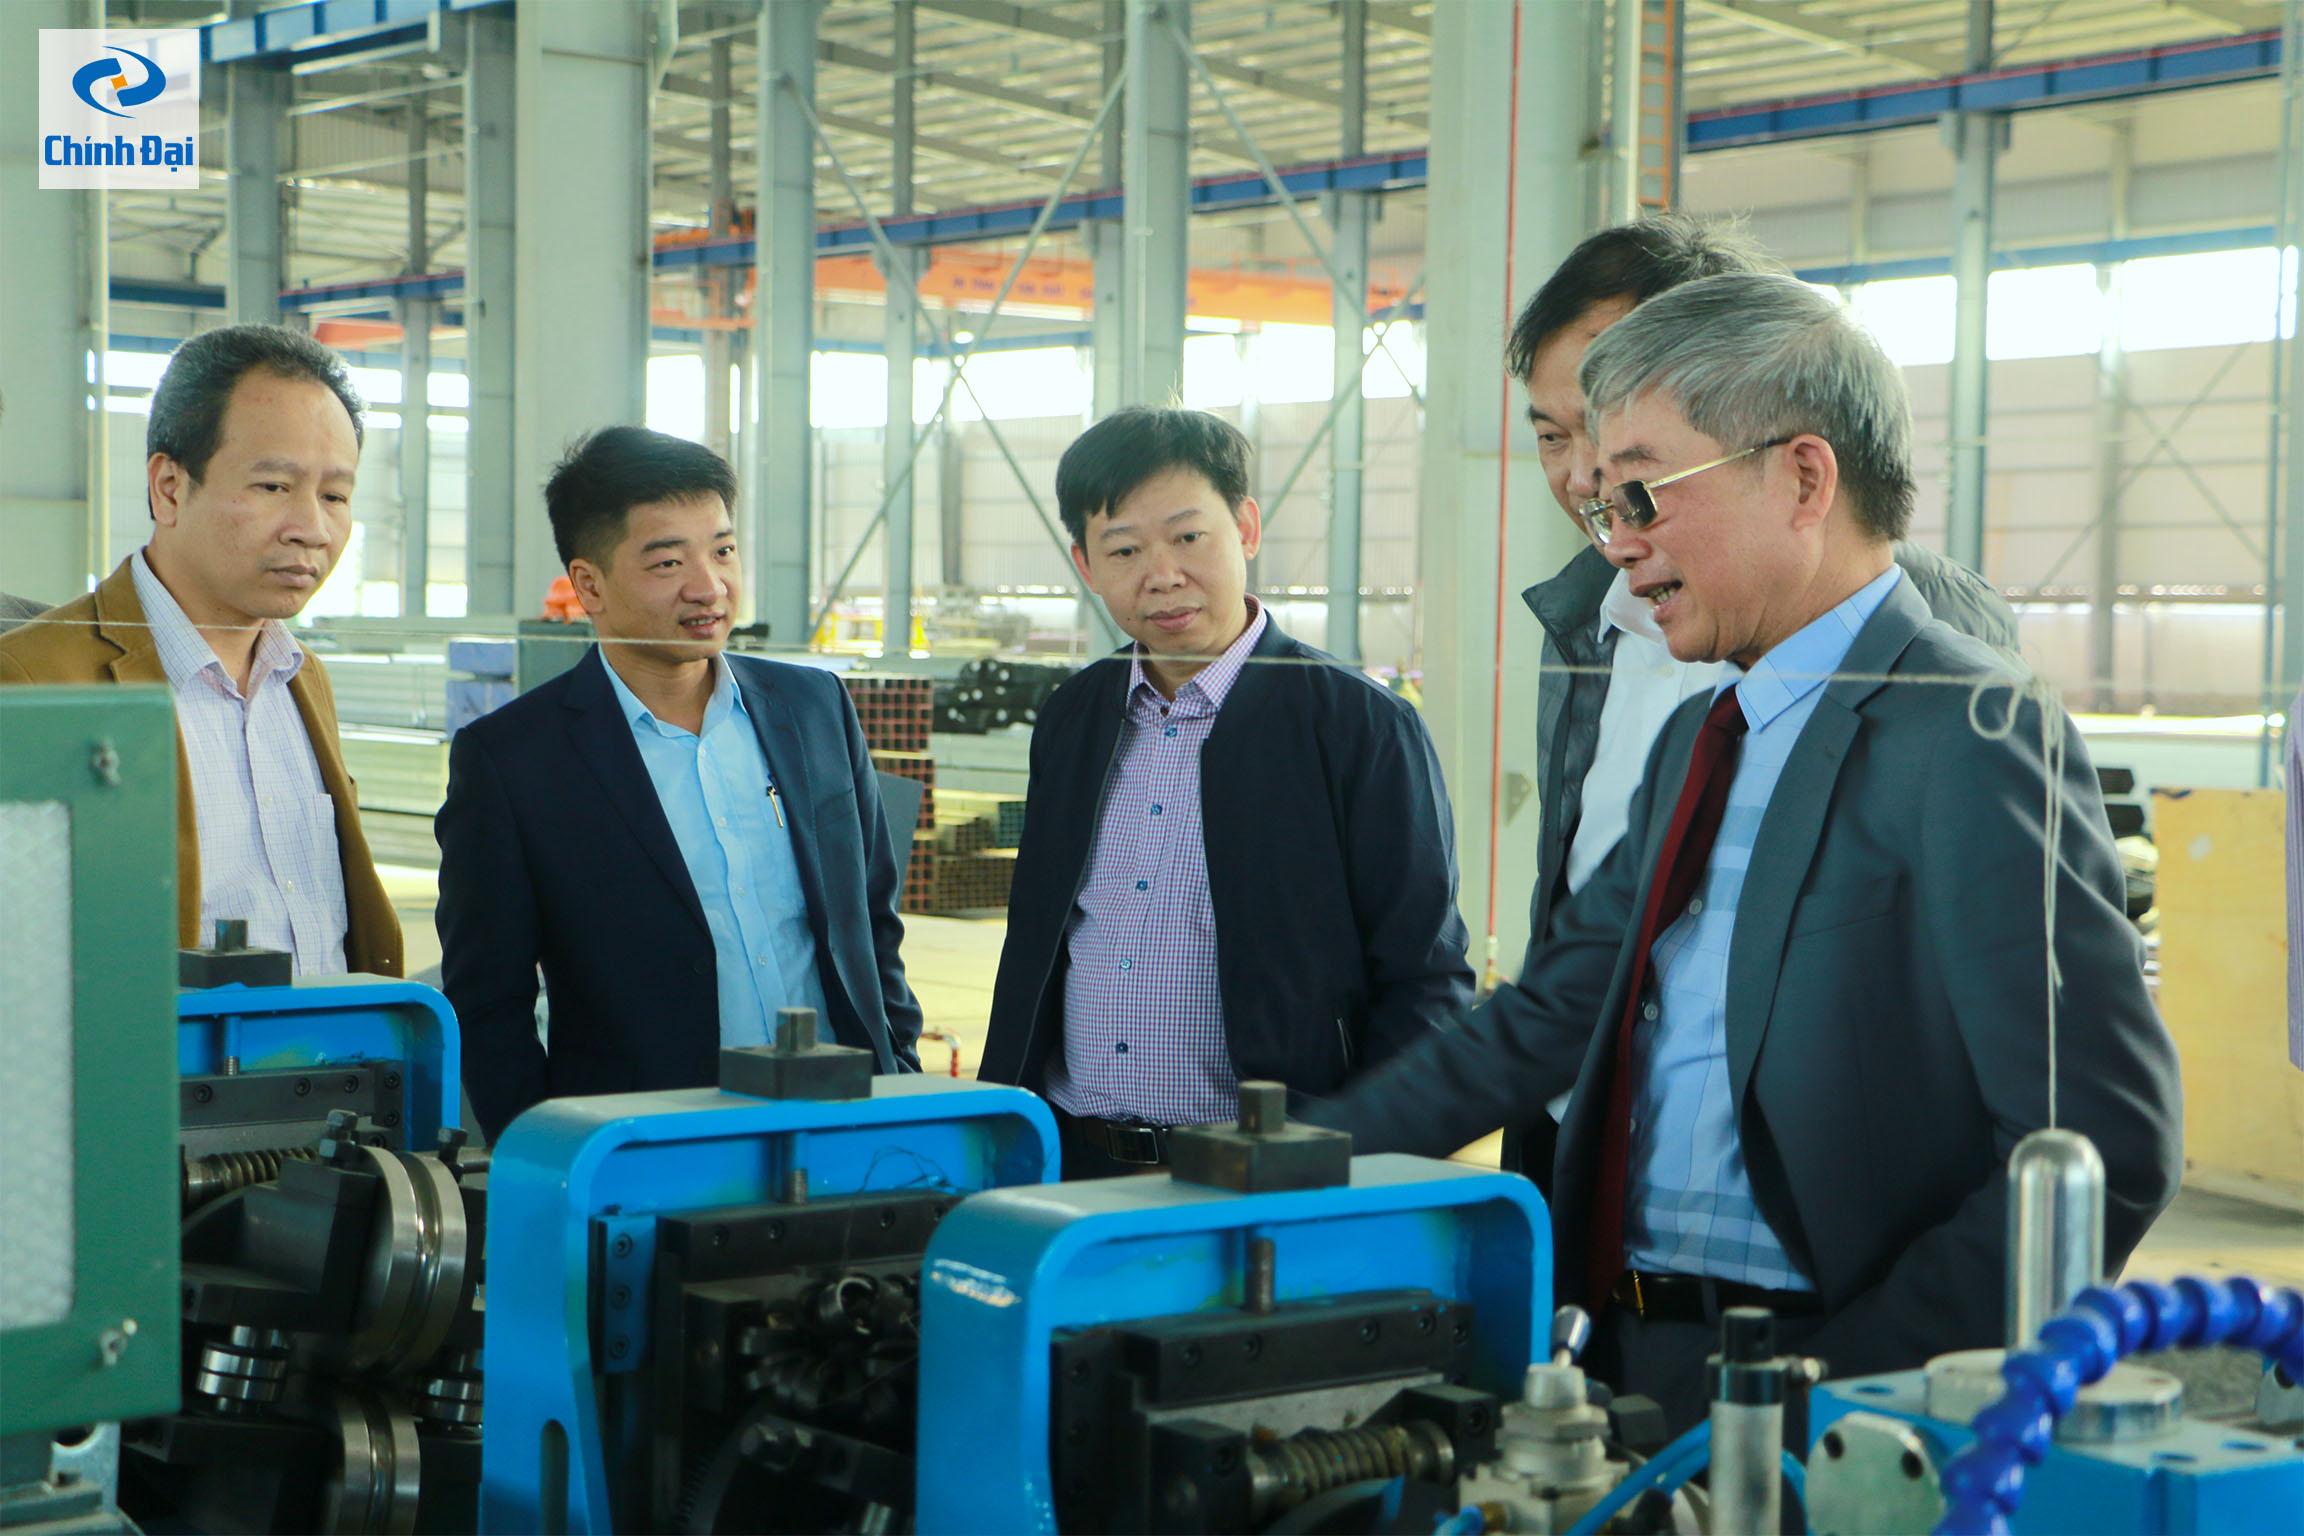 Trường Đại học Kỹ Thuật Công nghiệp Thái Nguyên thăm nhà máy 4.0, nhà máy tiên phong áp dụng các công nghệ, dây chuyền tự động hóa trong sản xuất của Chính Đại